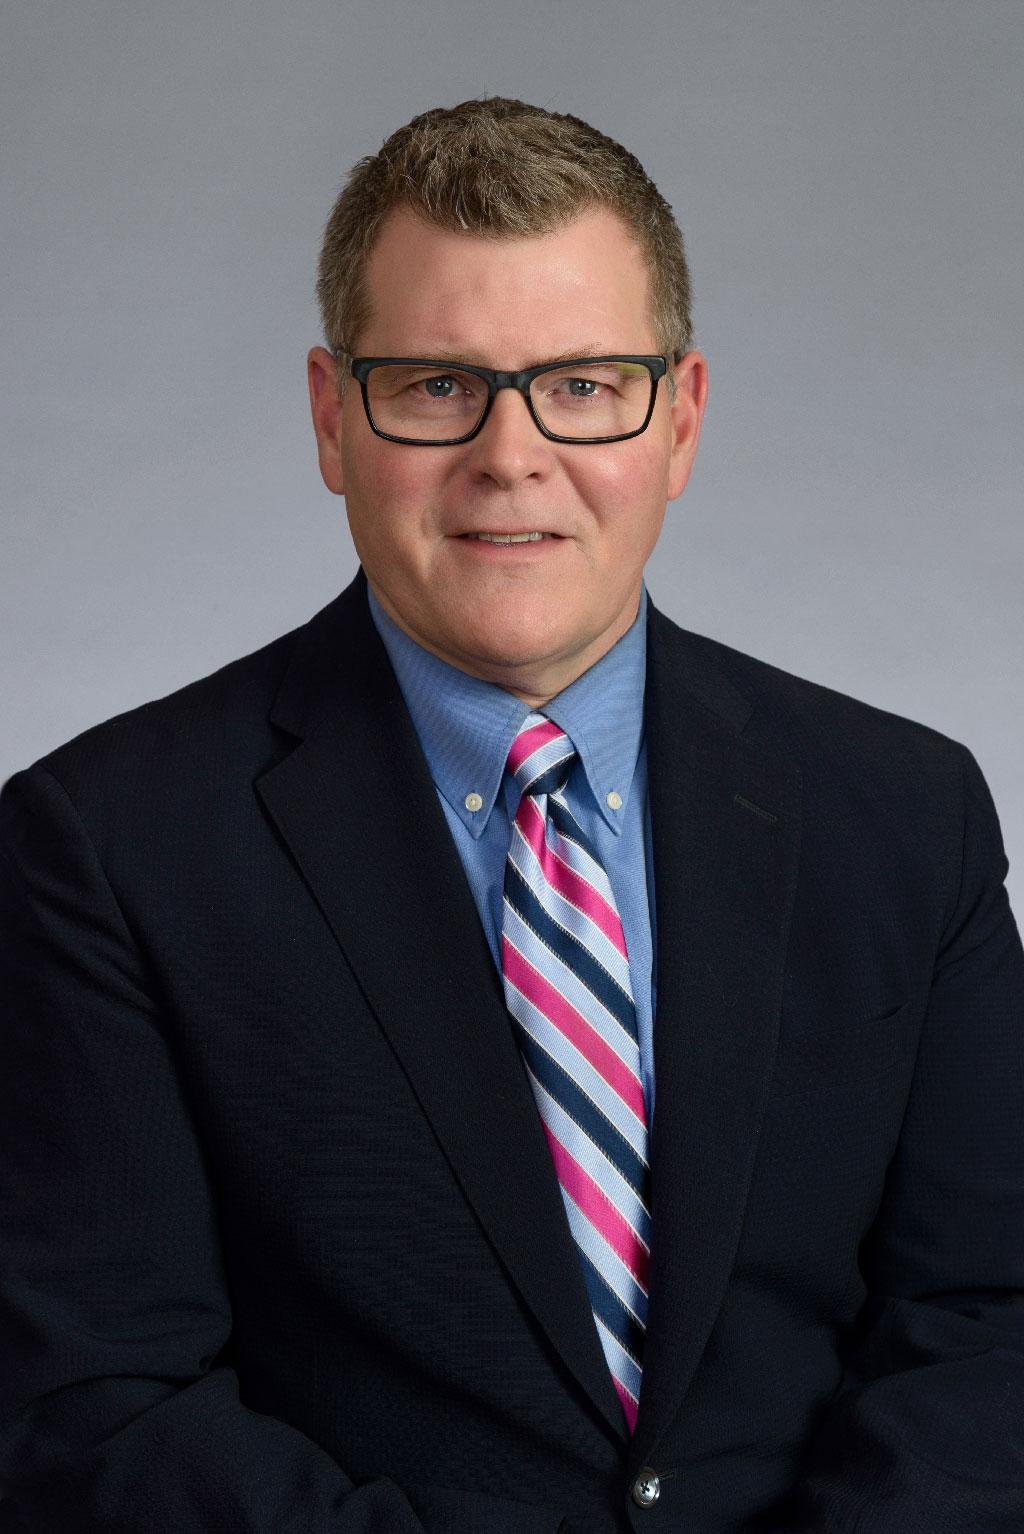 Matthew J. McKenzie, MD